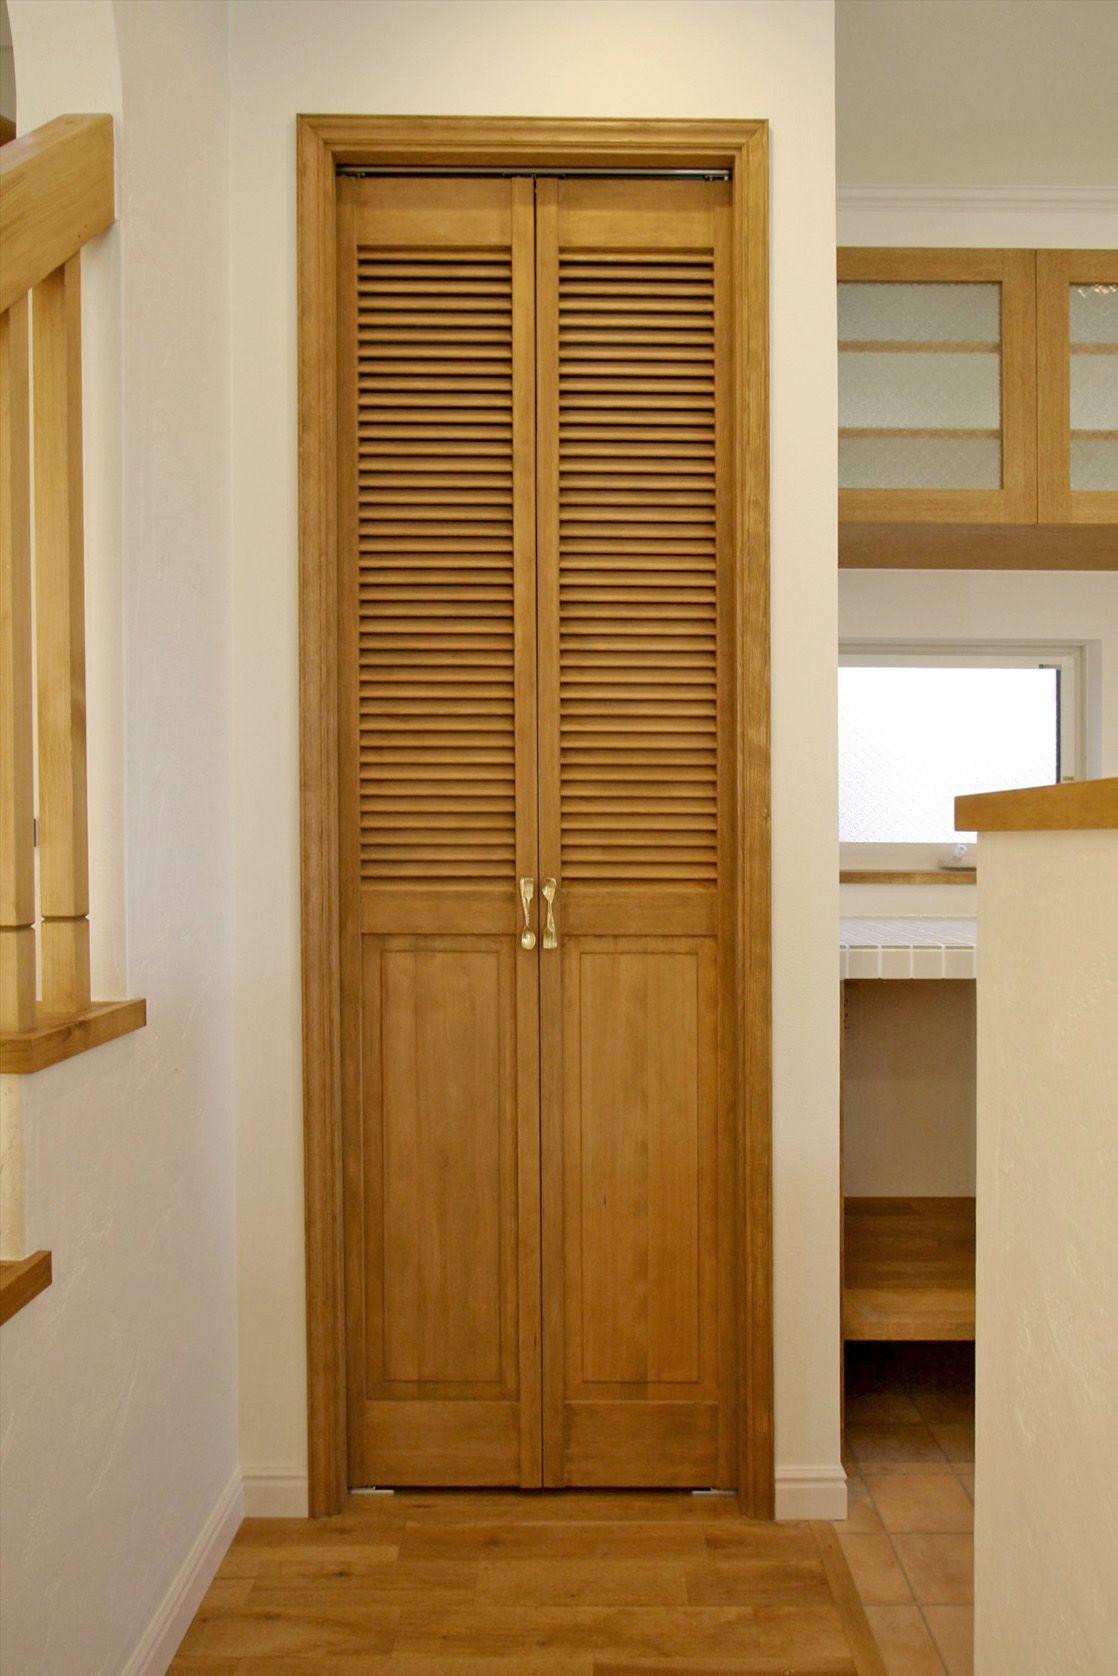 室内ドア パントリー 収納 ルーバー ドア 造作ドア 扉 インテリア ナチュラルインテリア 注文住宅 施工例 ジャストの家 Door Interior House Homedecor Housedesign ドアのデザイン ルーバードア 家